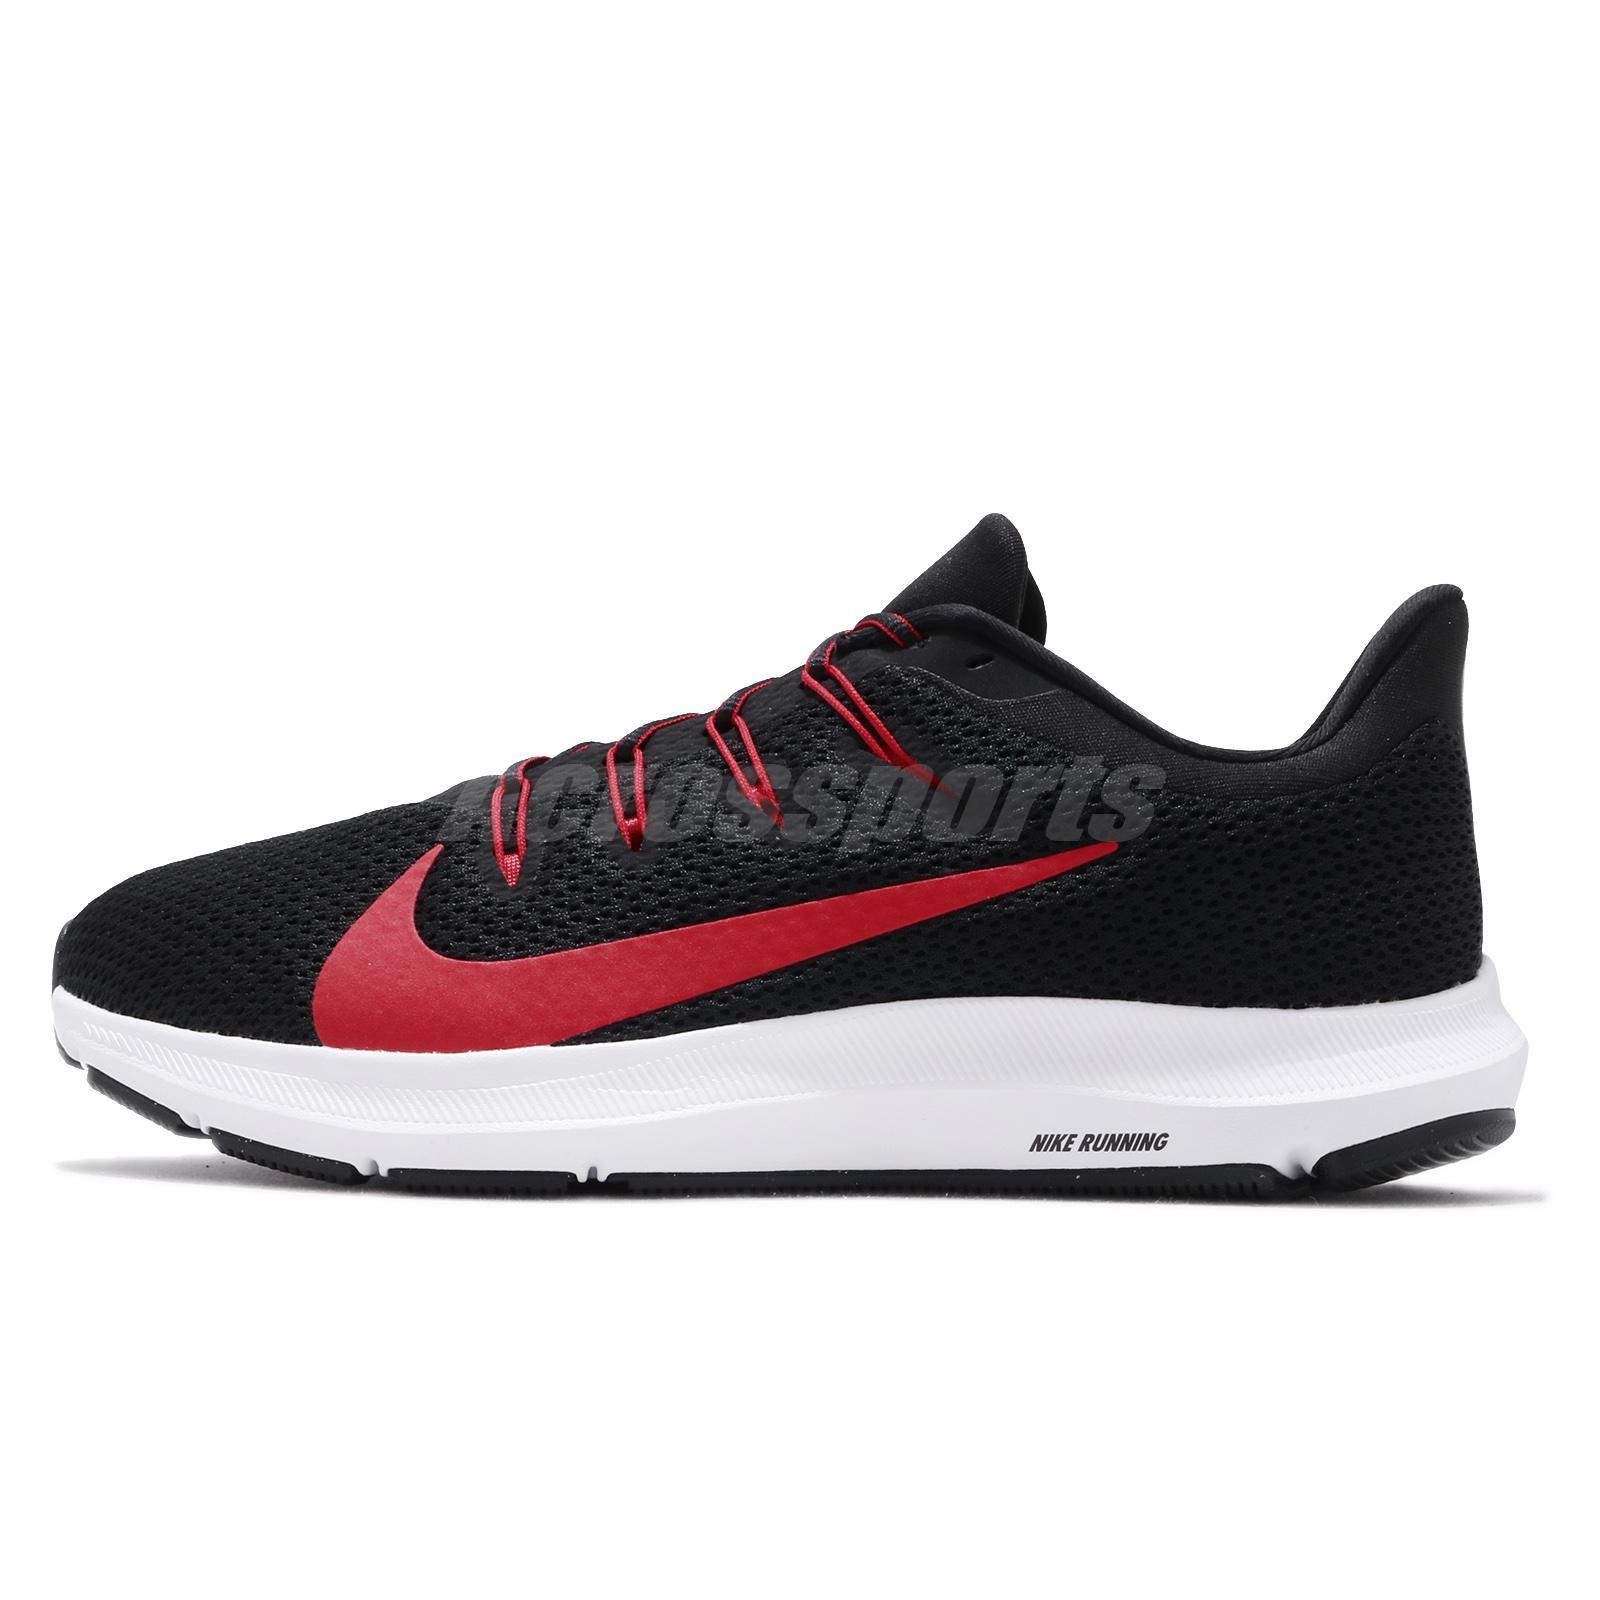 Detalles acerca de Nike Quest 2 Universidad Rojo Blanco Negro Hombre  Running Zapatos TENIS CI3787-001- mostrar título original